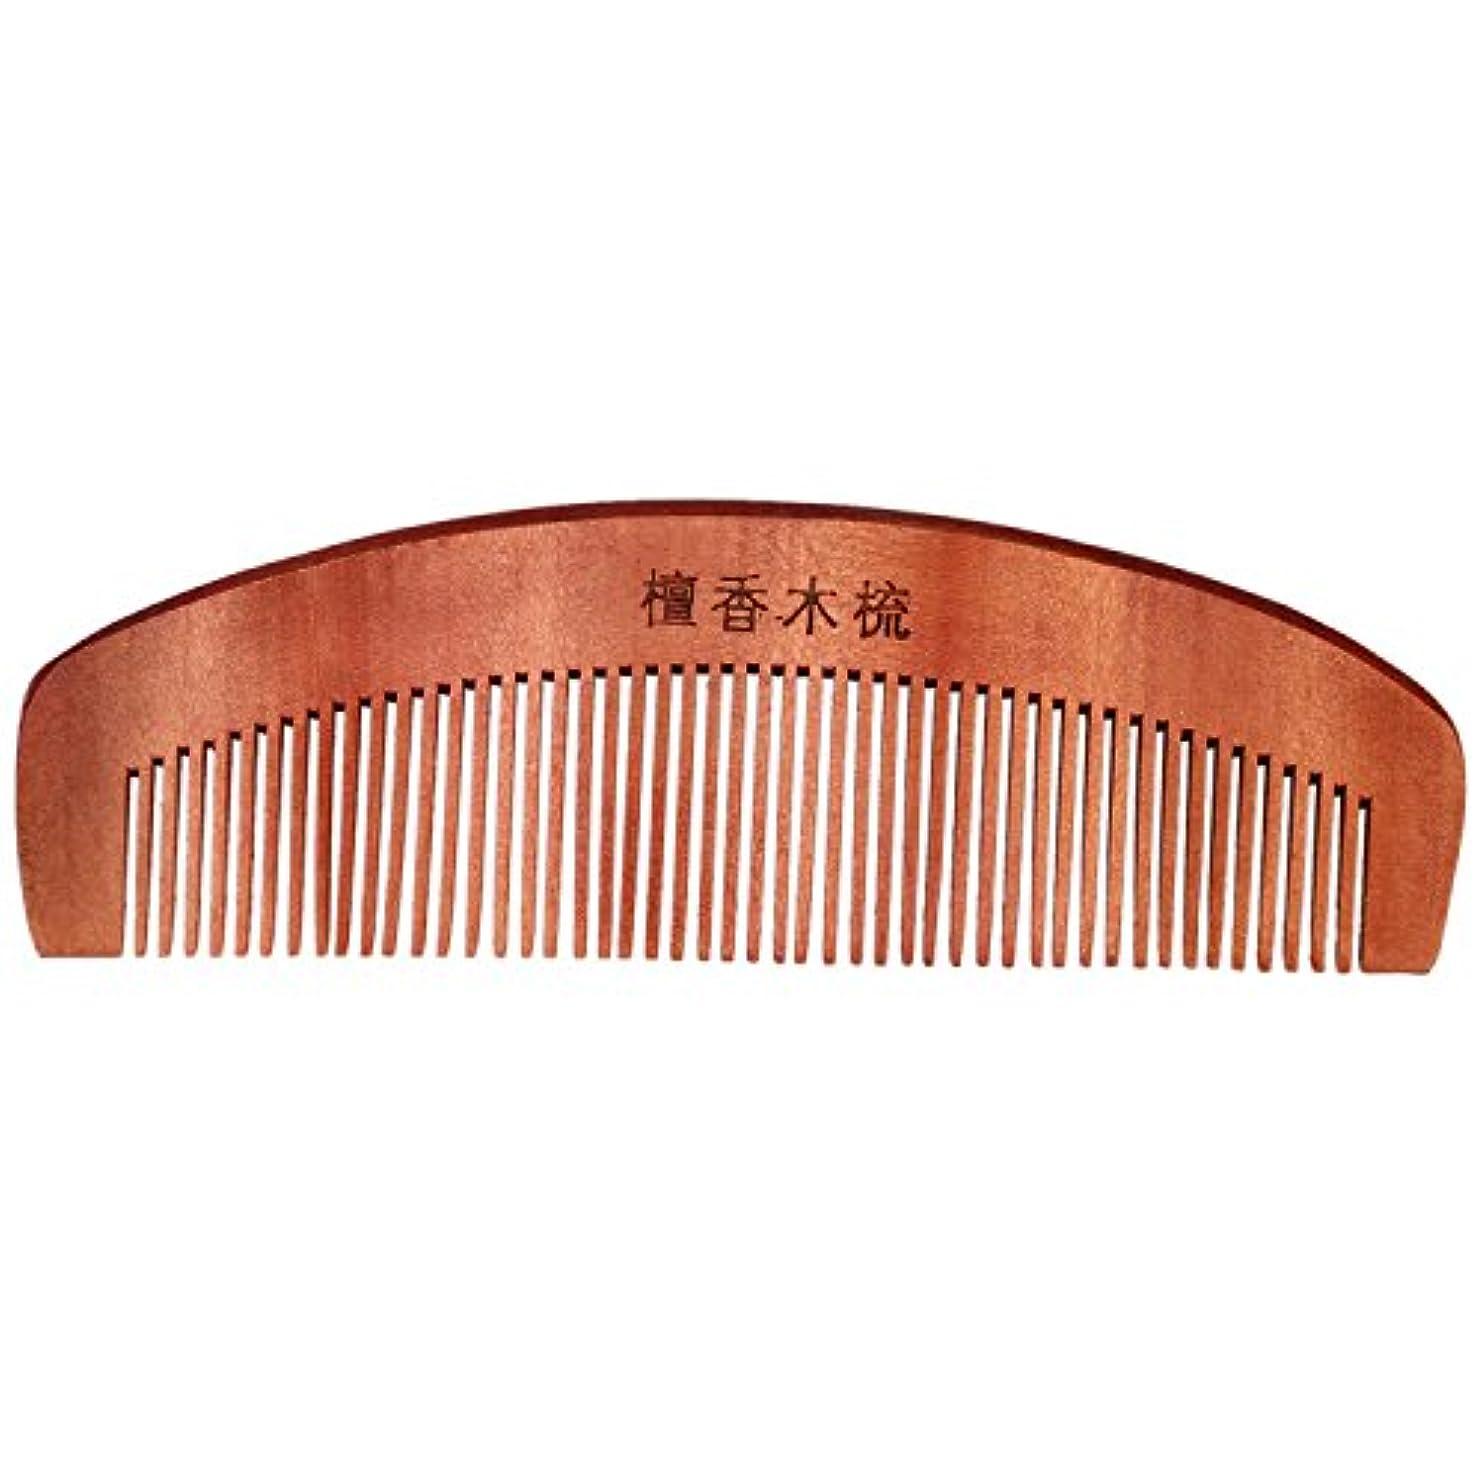 アカデミック競う近似くし,SODIAL(R)コーヒー色の香りの良い天然木木製の髪ケア理髪くし5.7